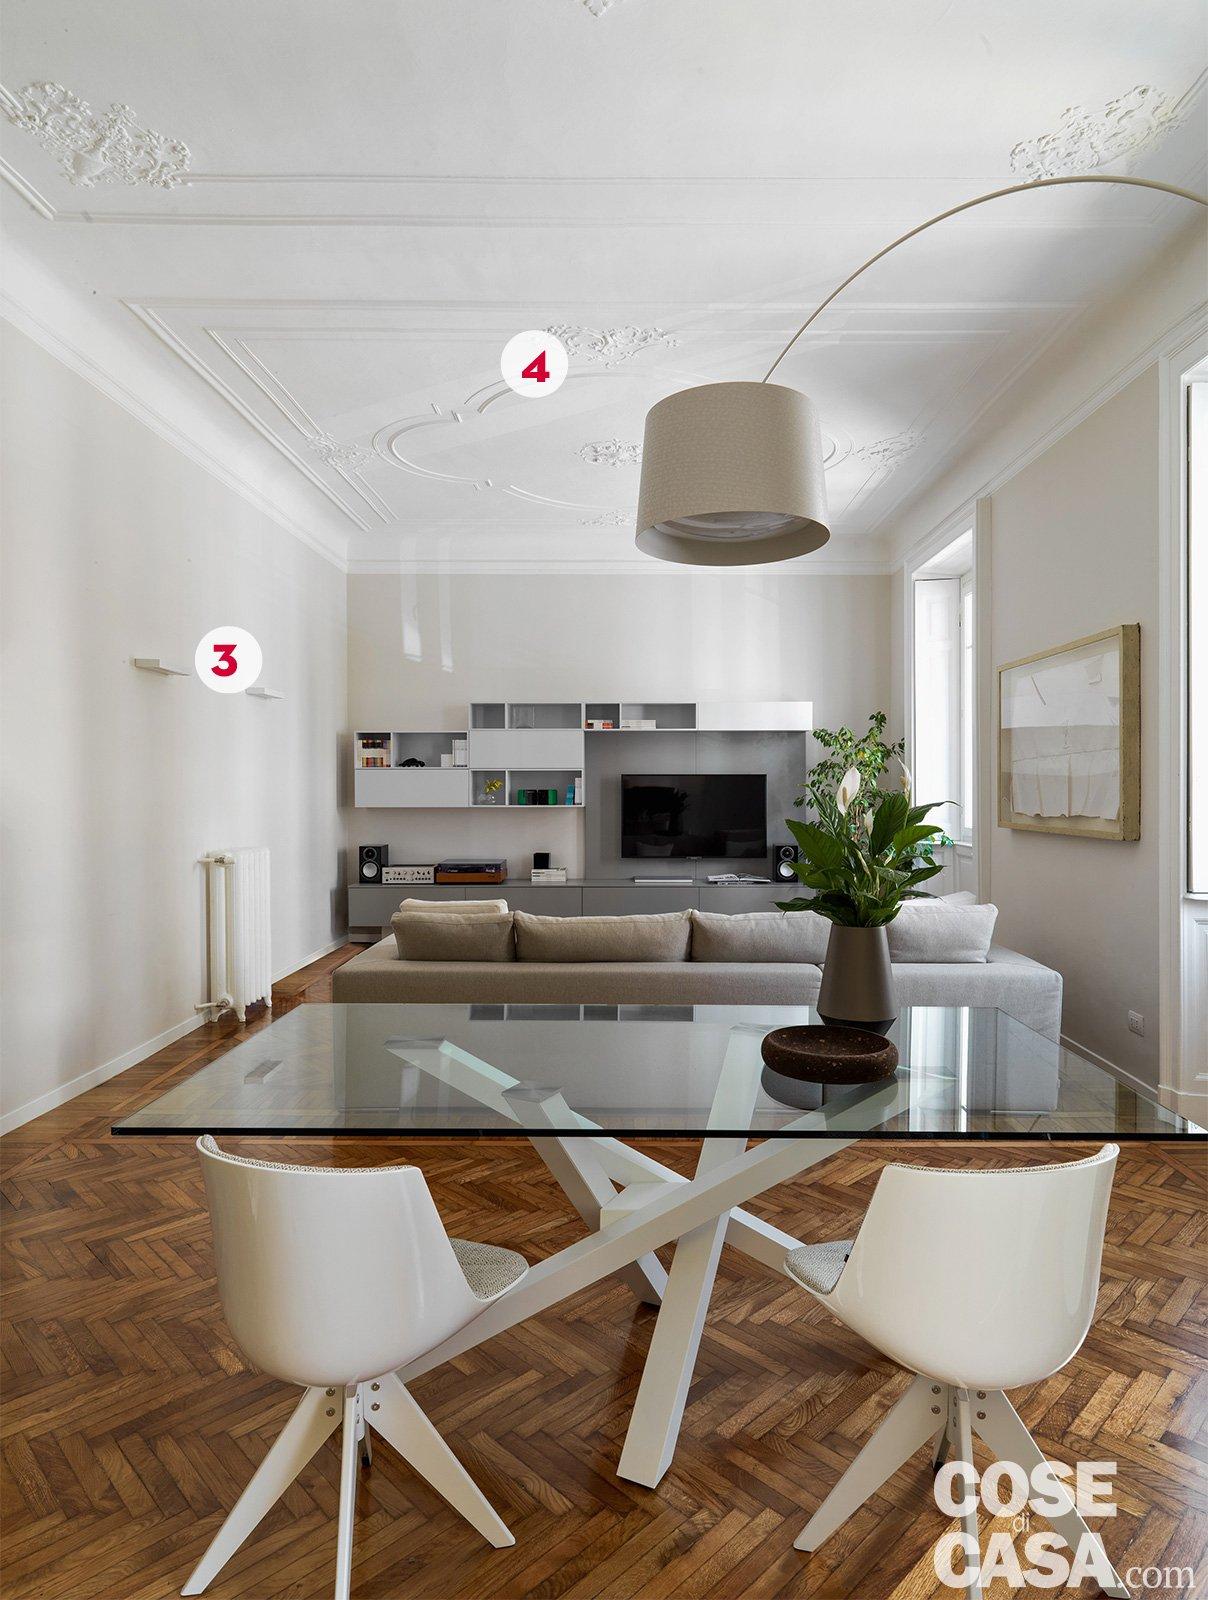 140 mq una casa con pavimenti originari in parquet e - Altezza quadri sopra divano ...